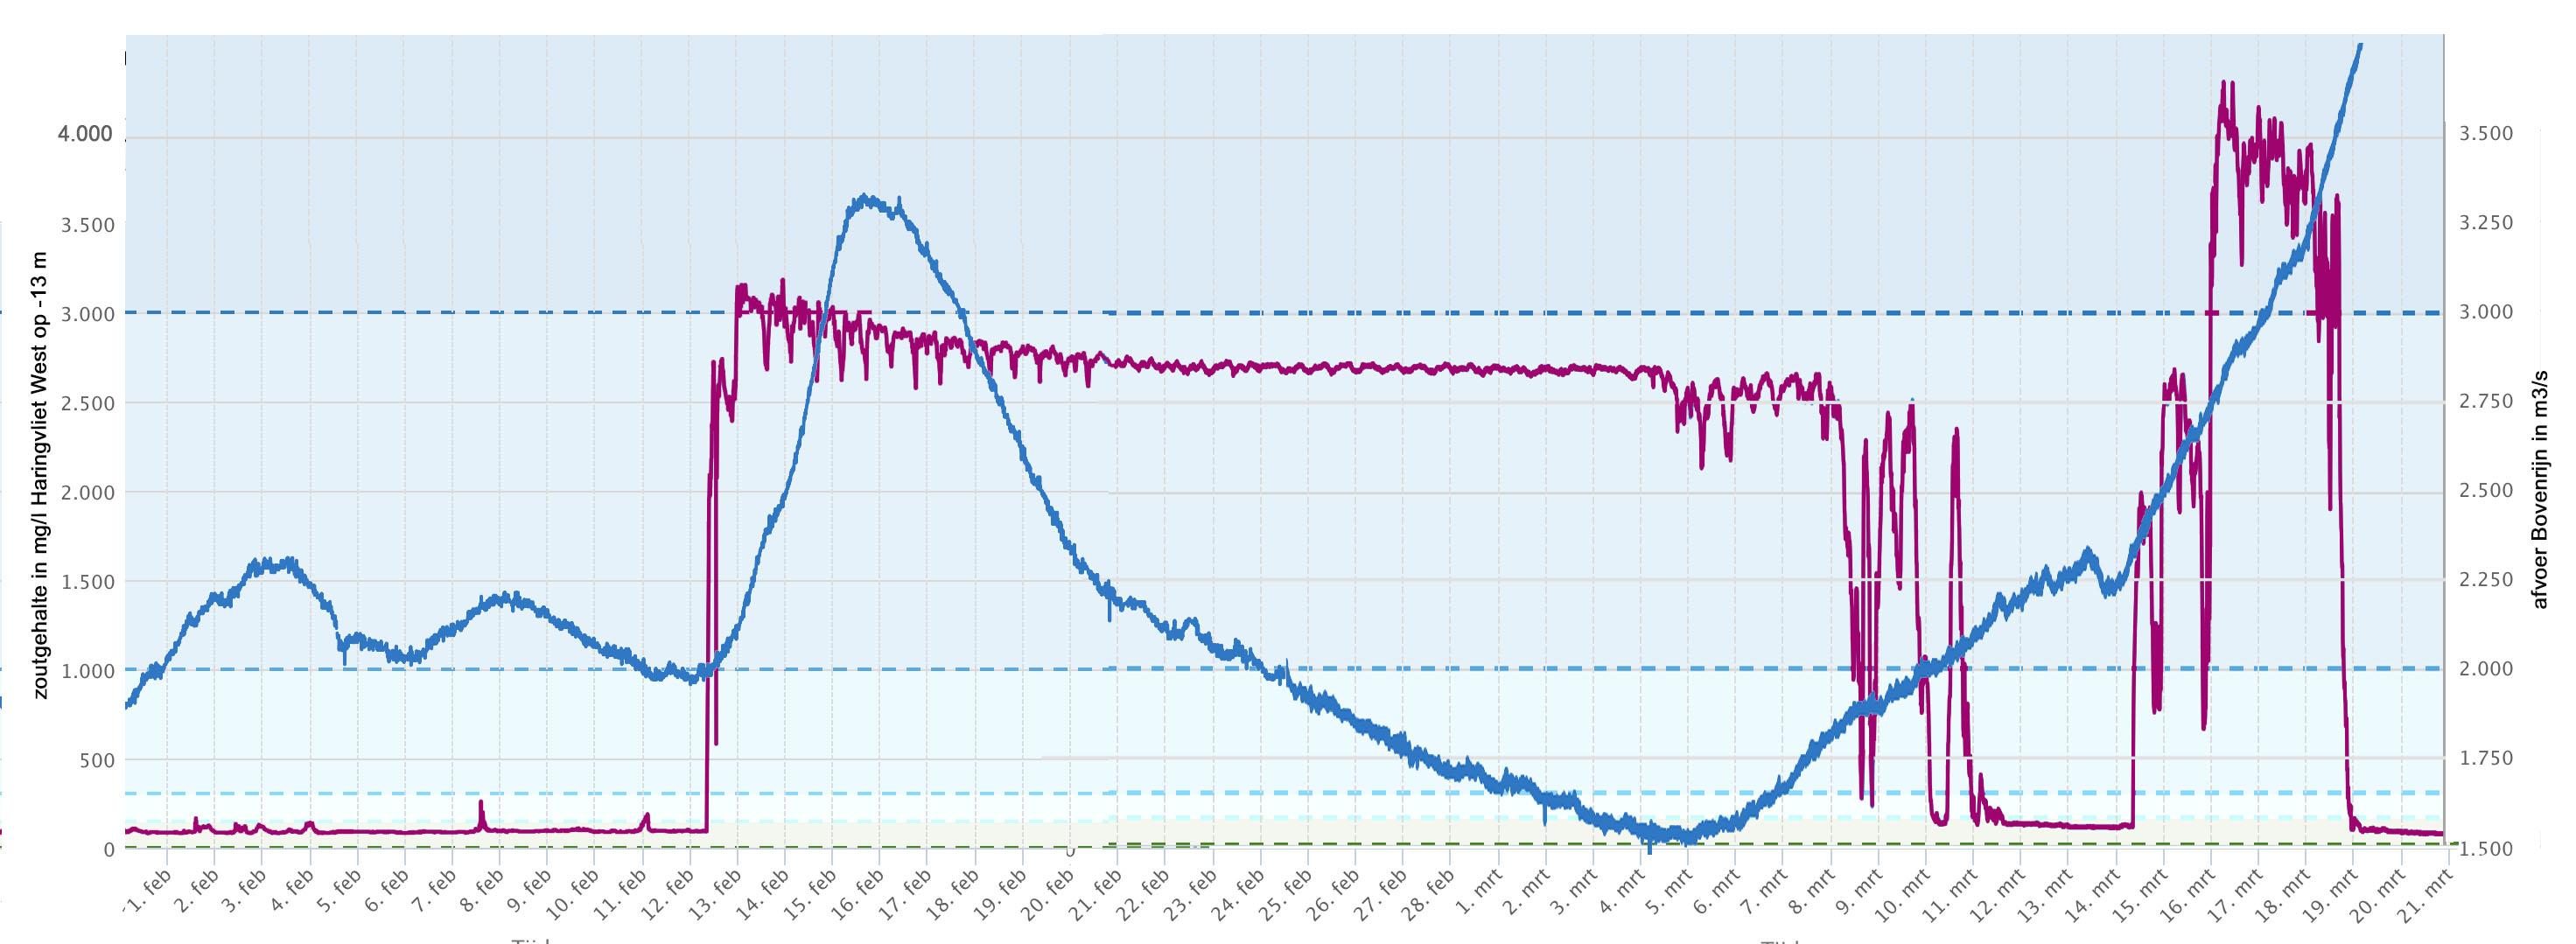 Verloop zoutgehalte aan de bodem van het Haringvliet (paarse lijn) en de Rijnafvoer bij Lobith (blauwe lijn) van 1 febrauri tot 21 maart 2019.